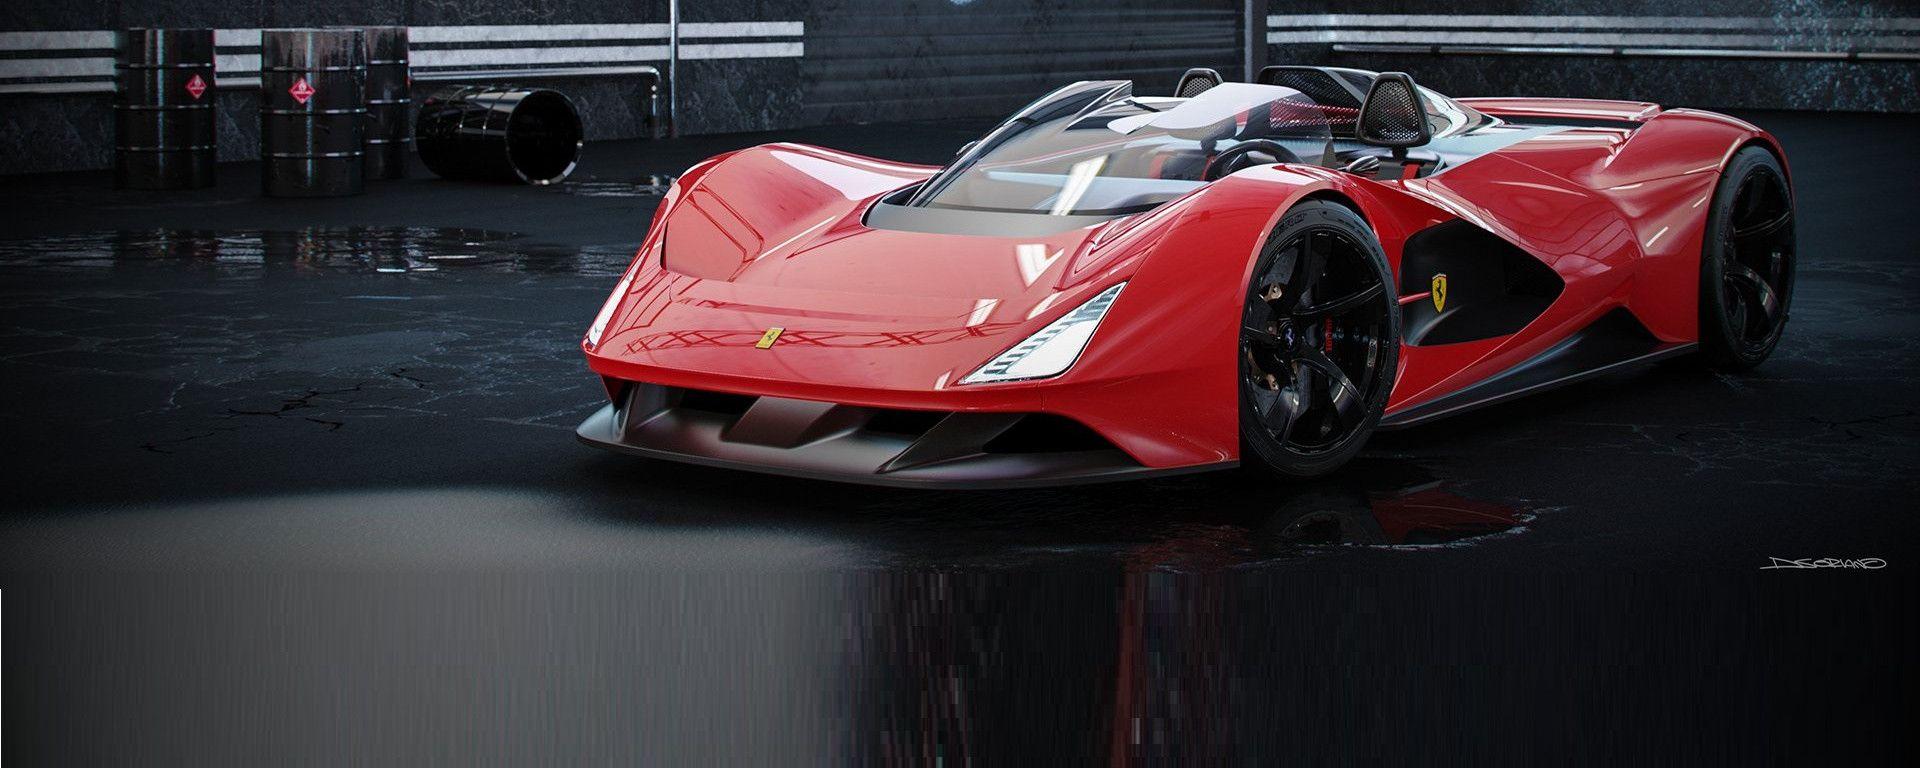 Ferrari Aliante Barchetta: L'anteriore